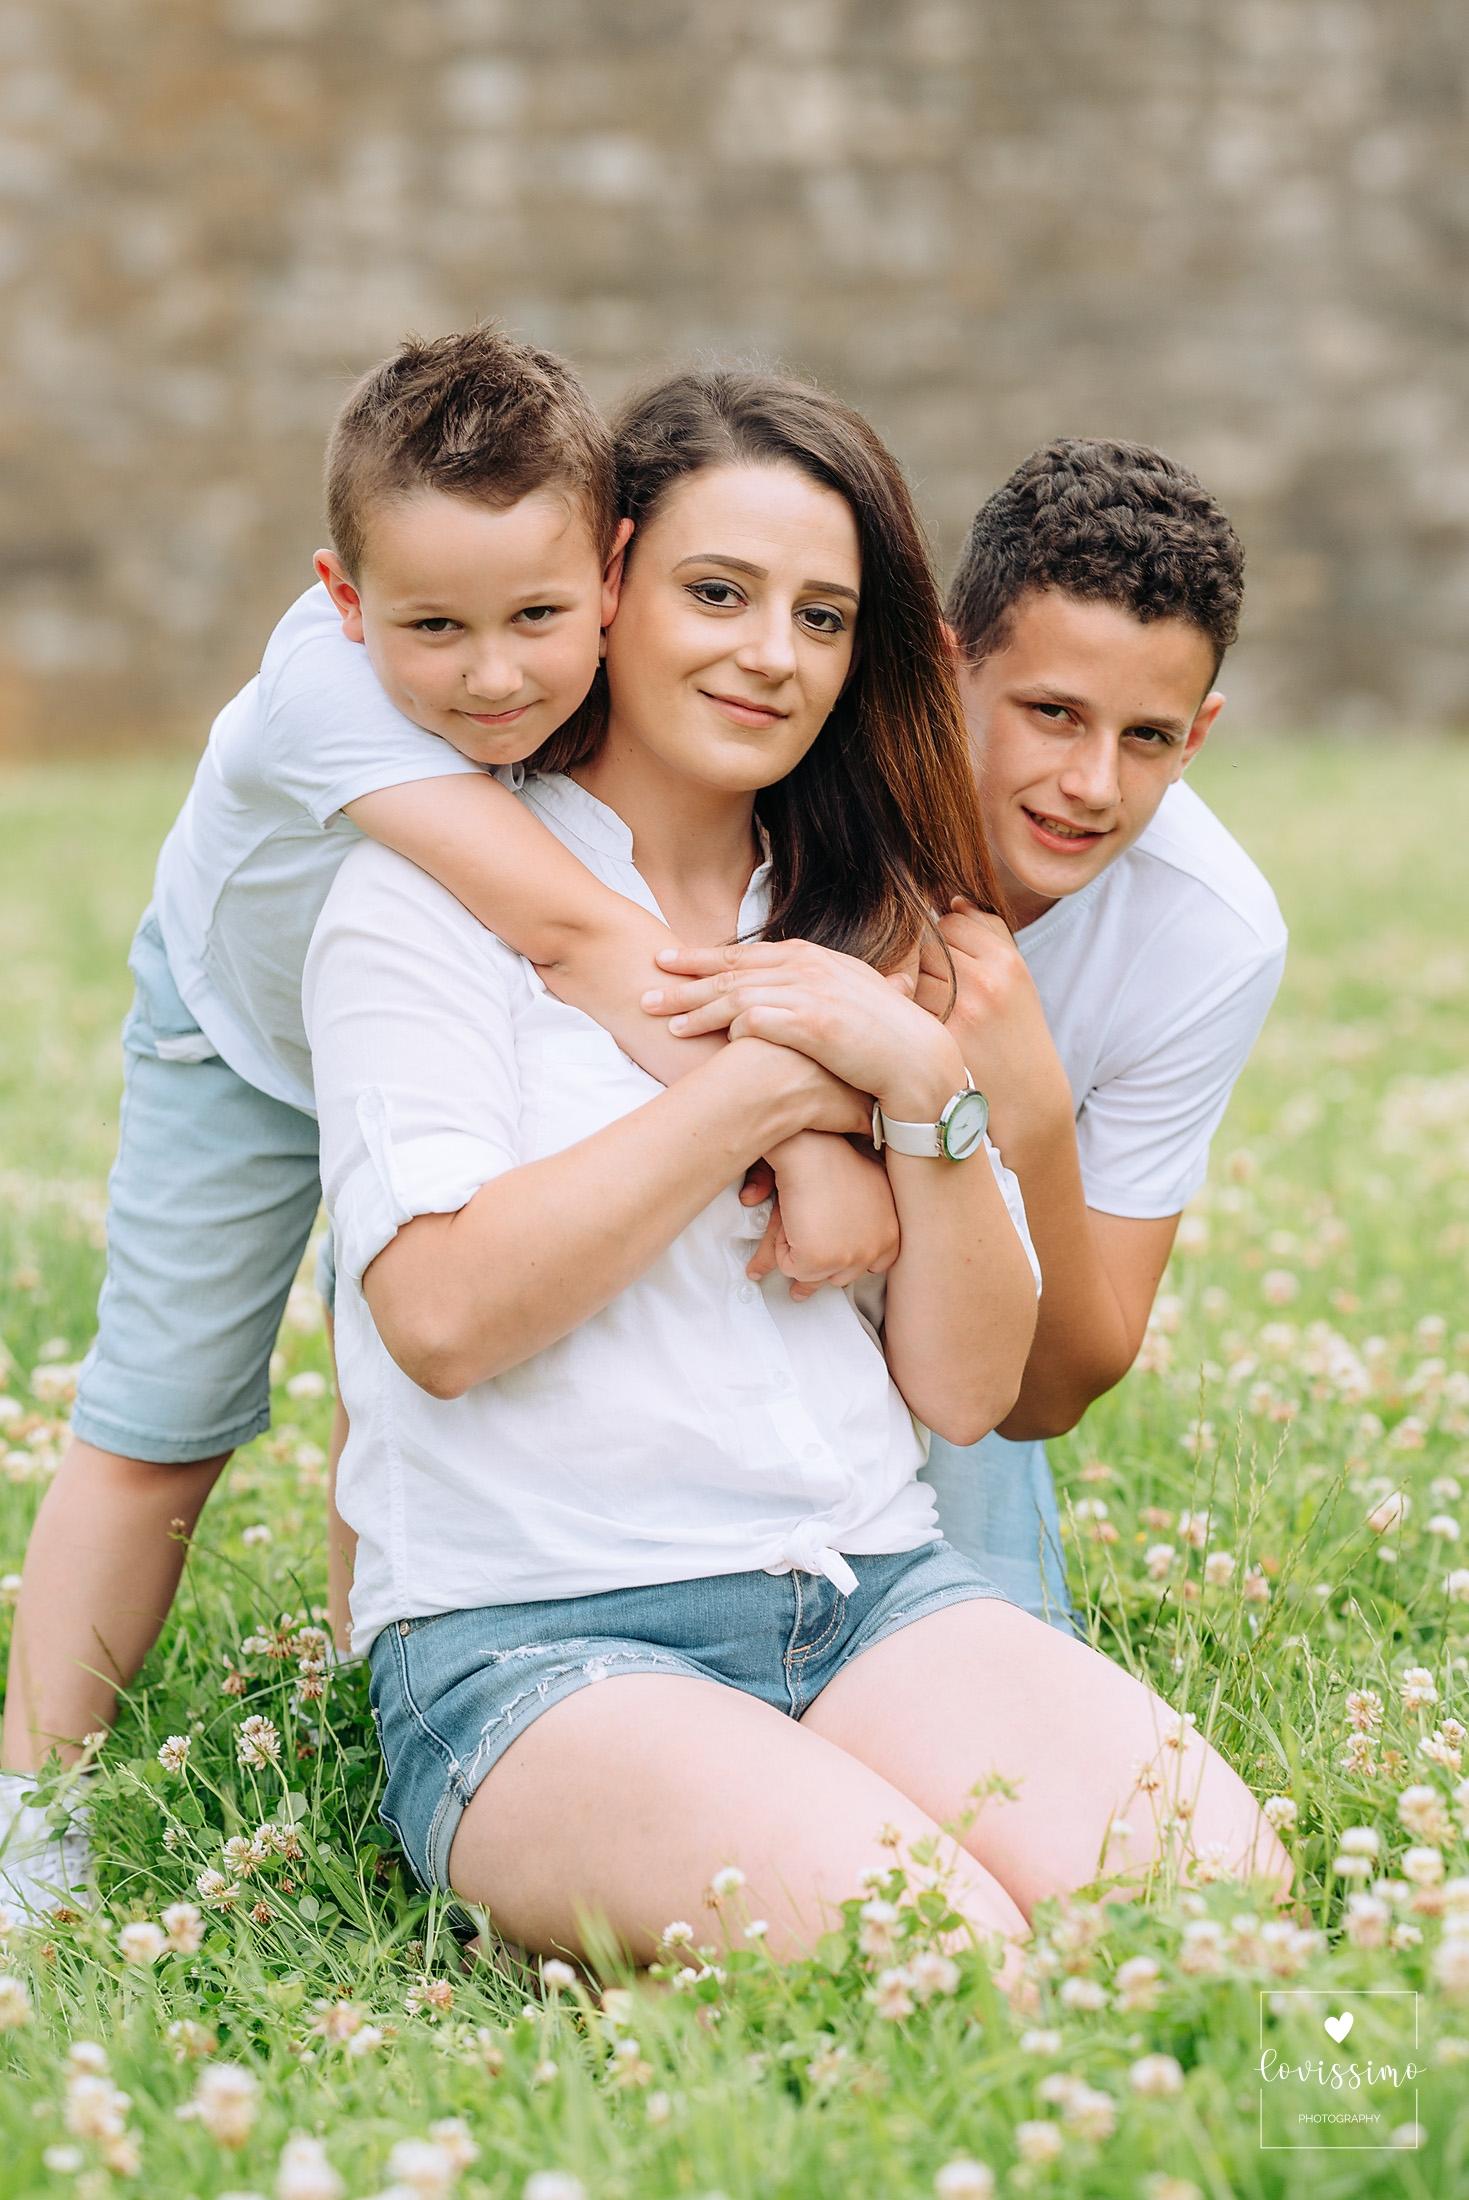 Sesja rodzinna Rzeszów, fotograf rodzinny